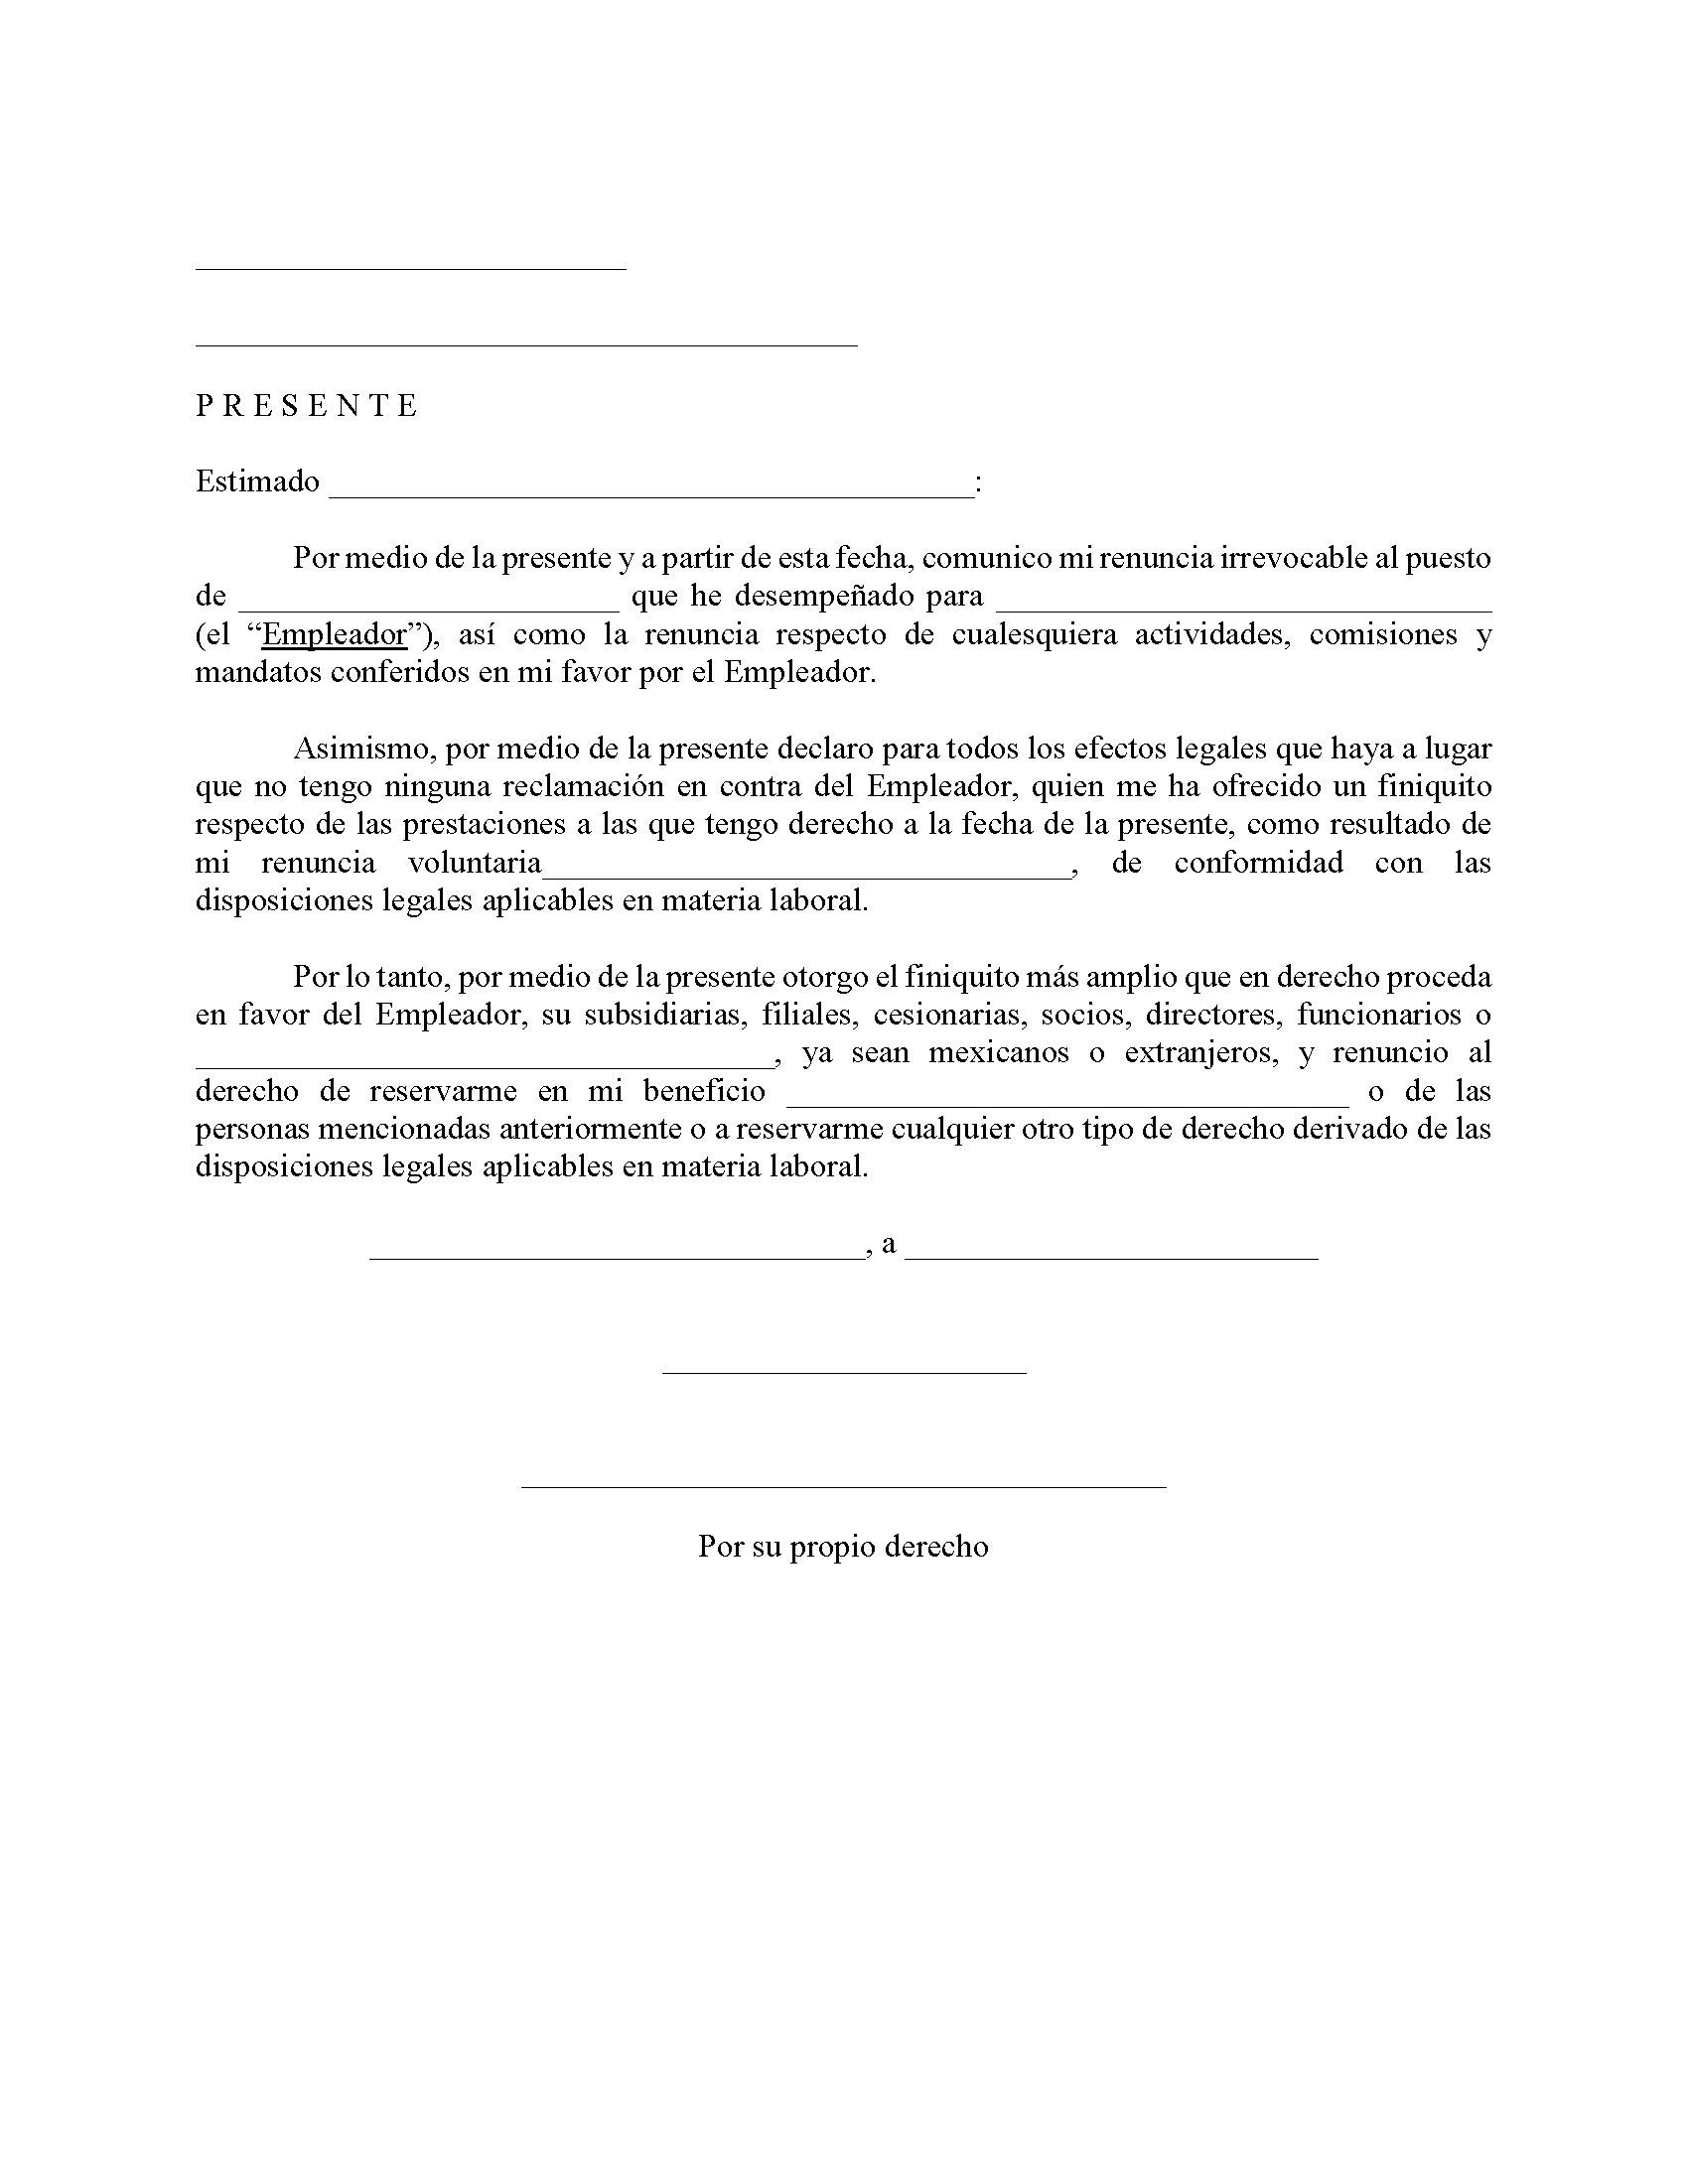 ejemplos de carta de renuncia voluntaria con preaviso en Estados Unidos